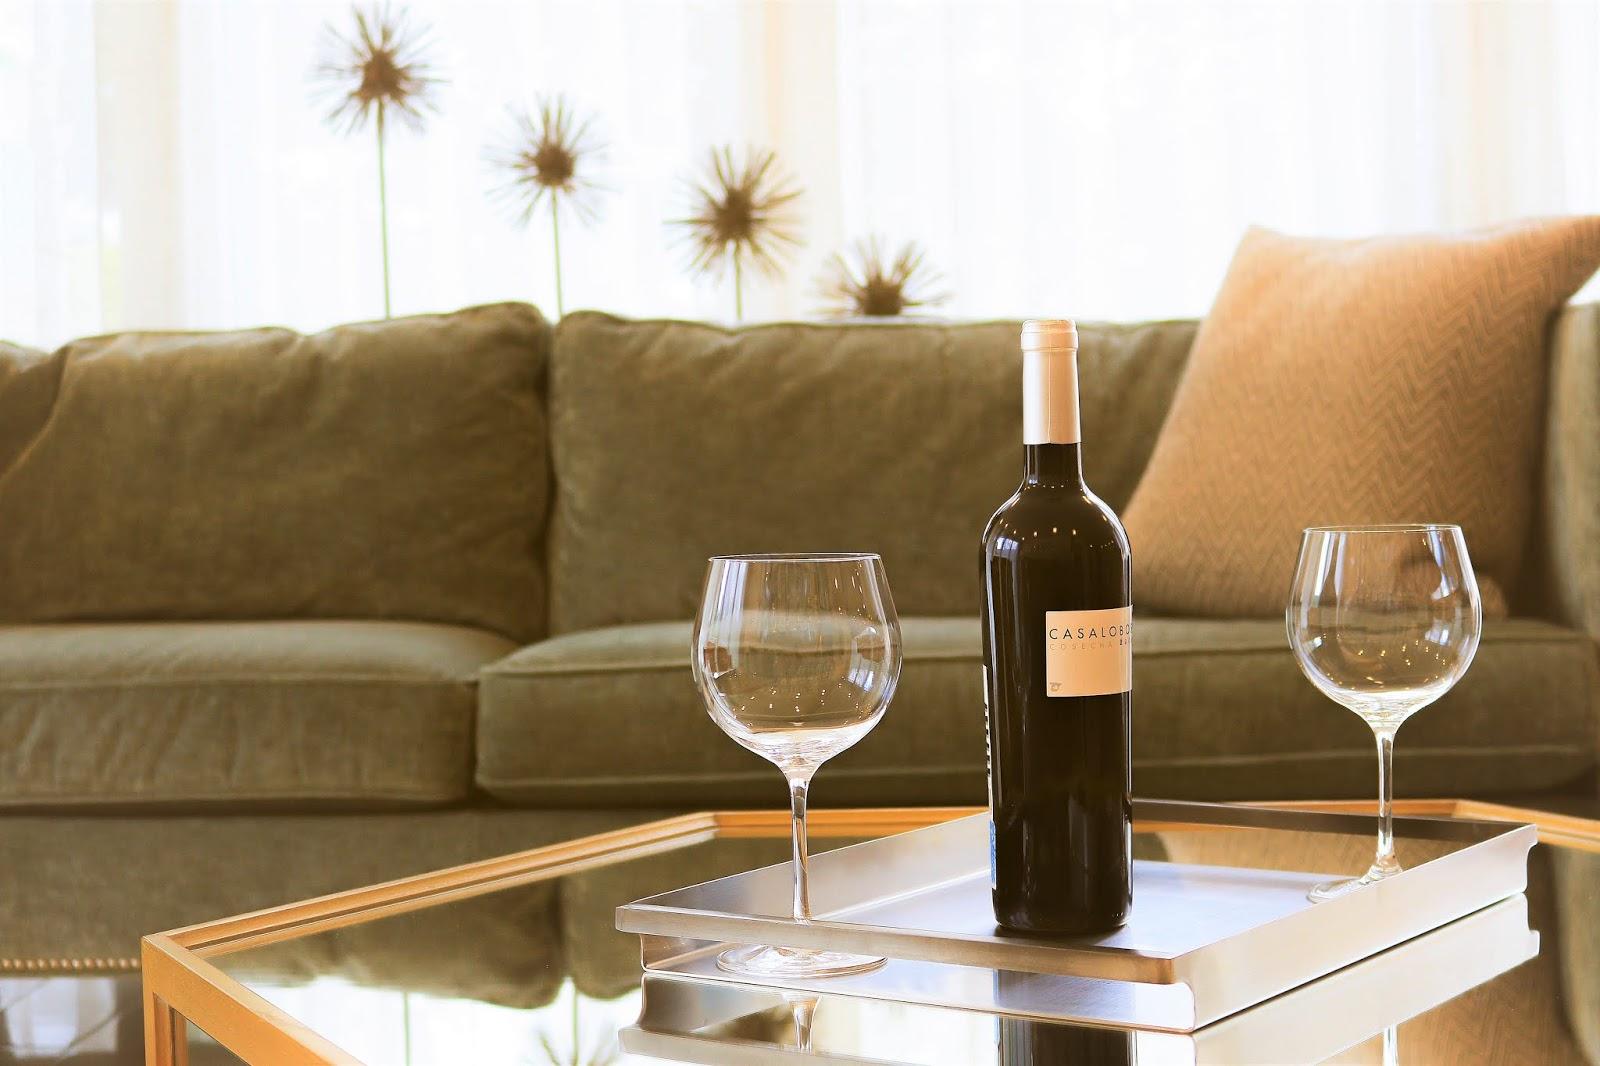 Jak wybrać odpowiednie mieszkanie?